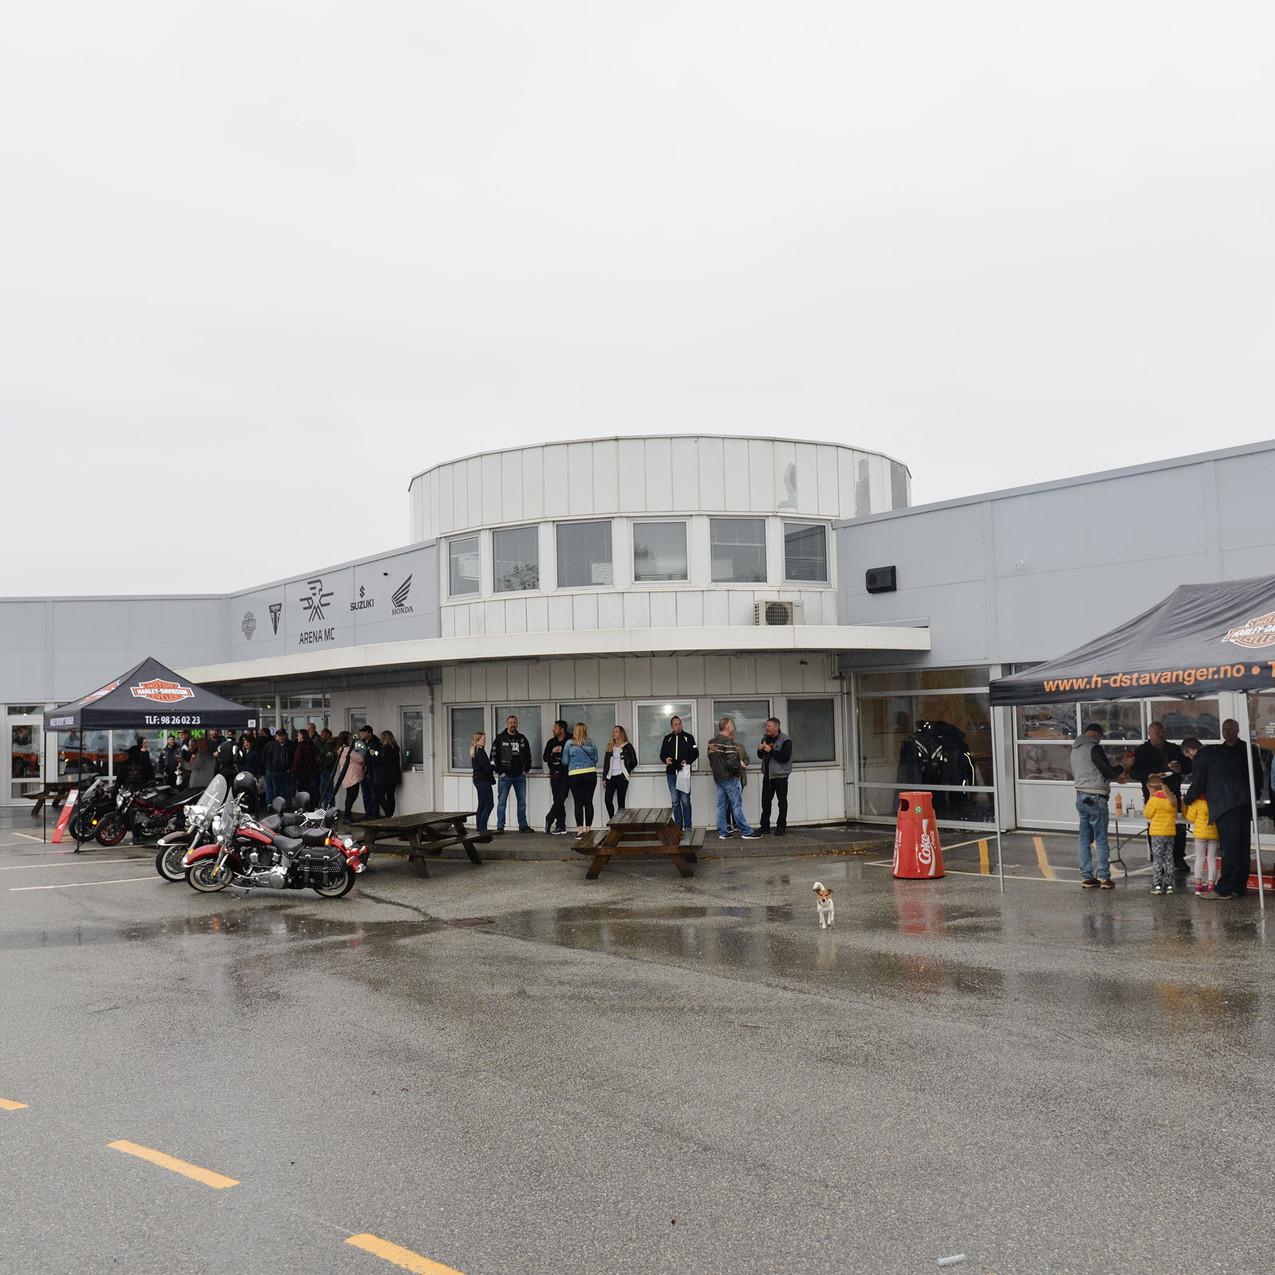 Det var et utrolig trøkk under årets Open House, selv om det regnet hele dagener.